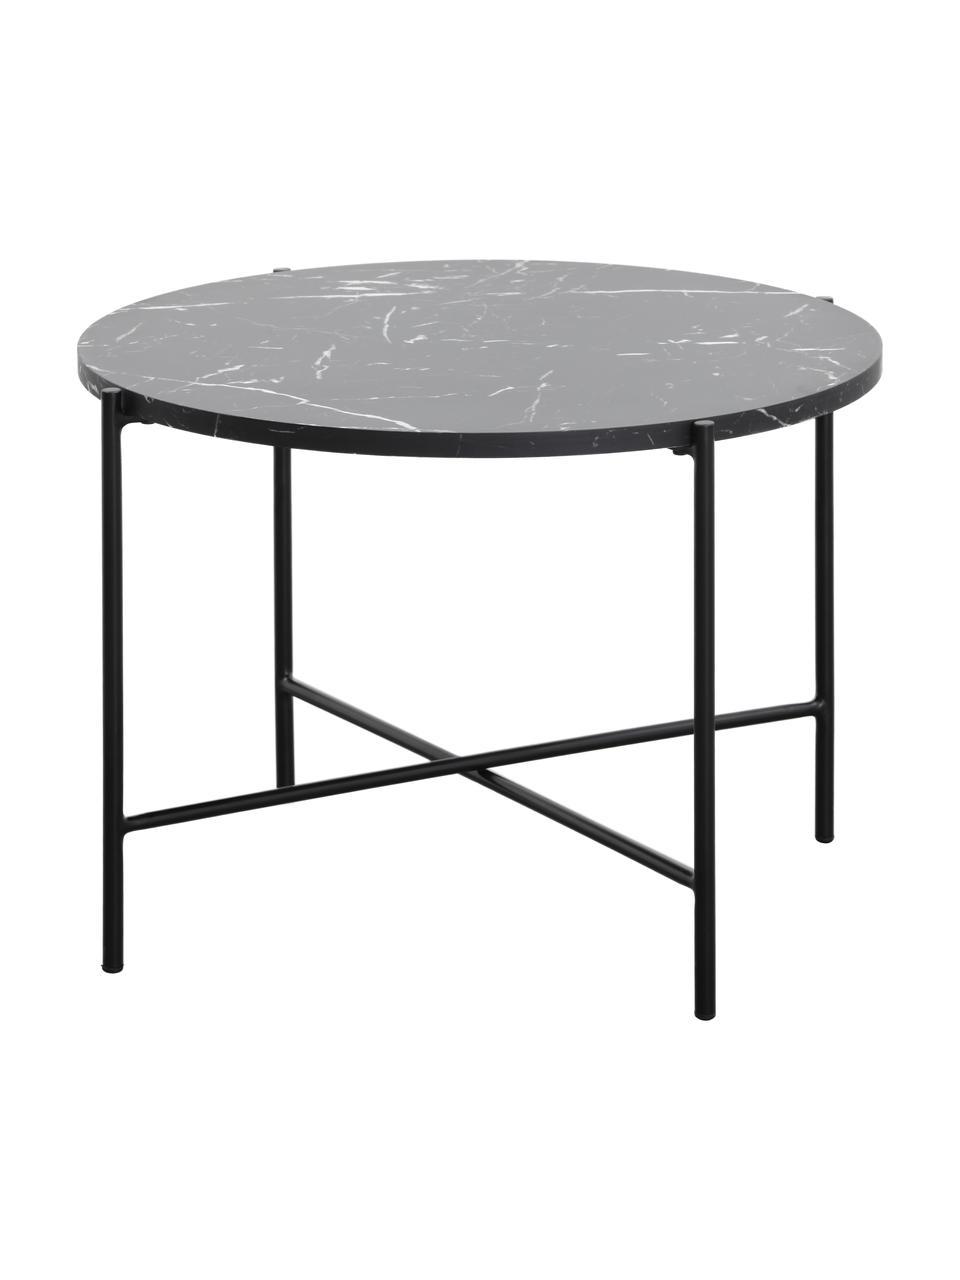 Stolik kawowy z imitacji marmuru Fria, Blat: płyta pilśniowa średniej , Stelaż: metal malowany proszkowo, Blat: czarny, marmurowy, matowy Stelaż: czarny, matowy, Ø 60 x W 43 cm